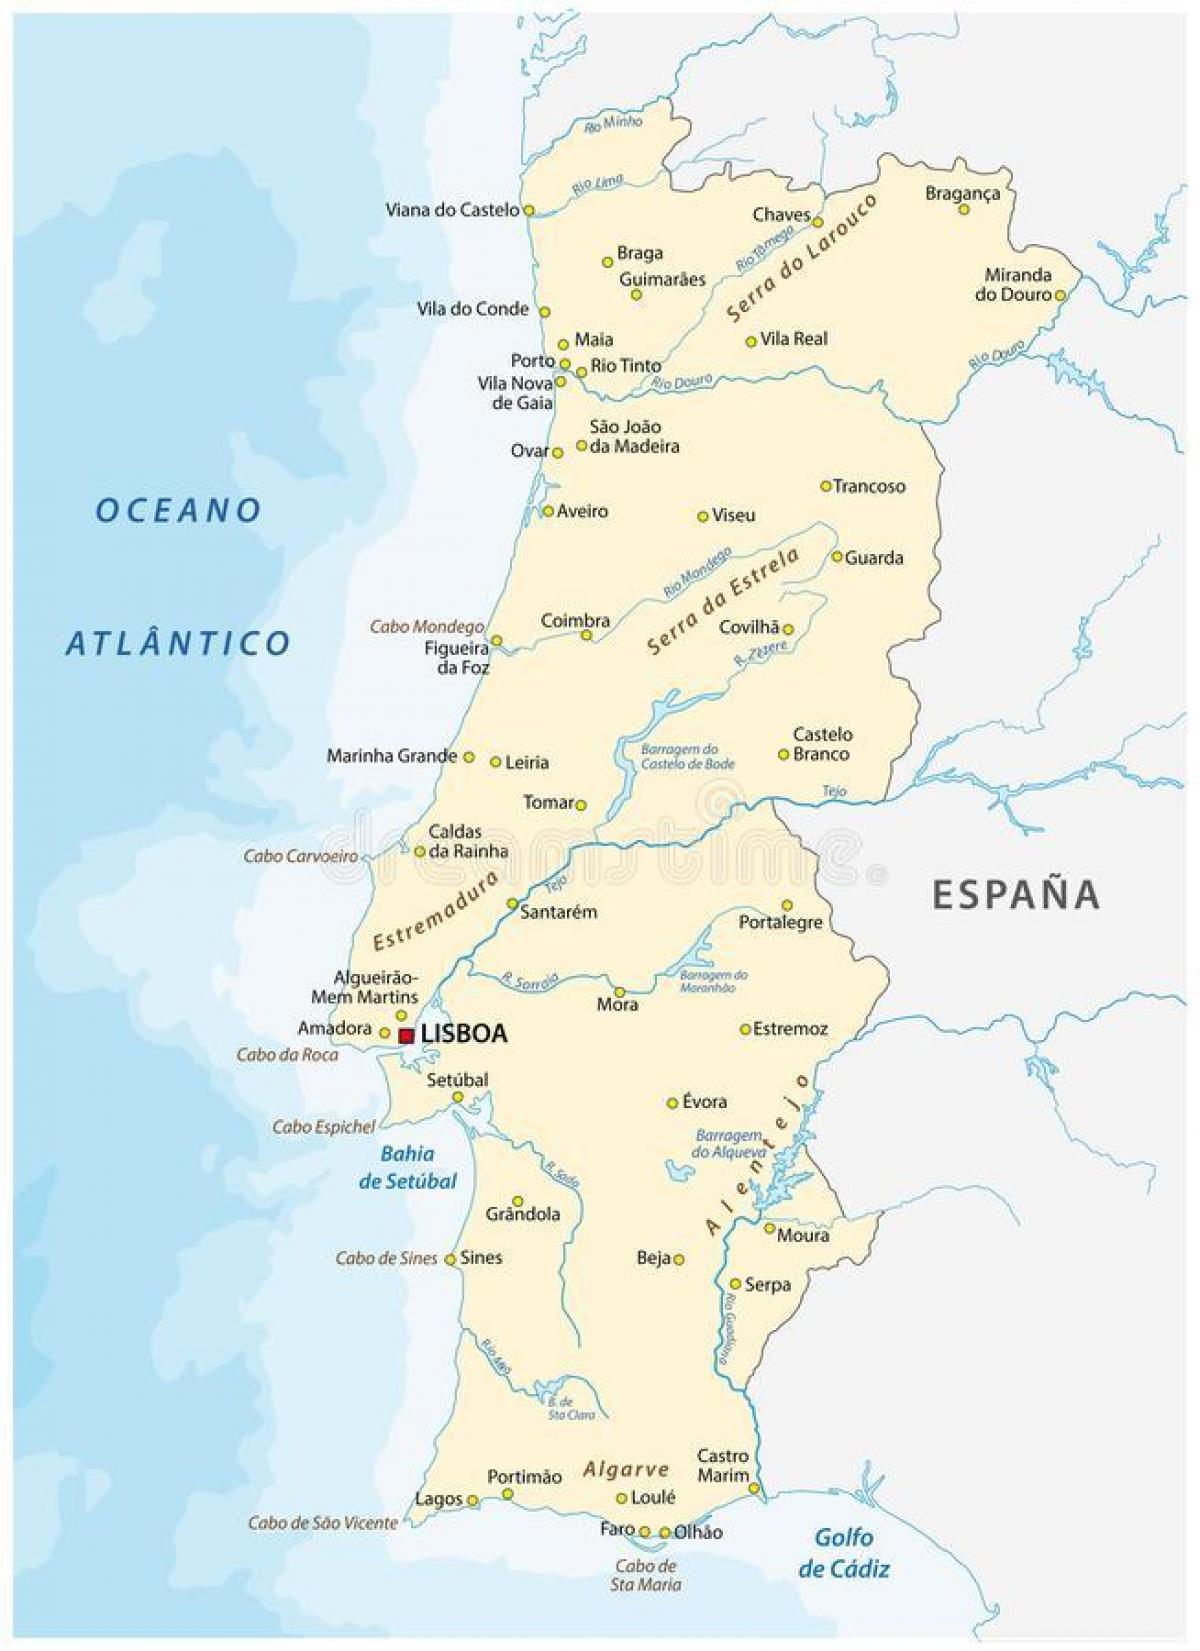 mapa de portugal rios Portugal rios mapa   Portugal rio de mapa (Sul da Europa   Europa) mapa de portugal rios